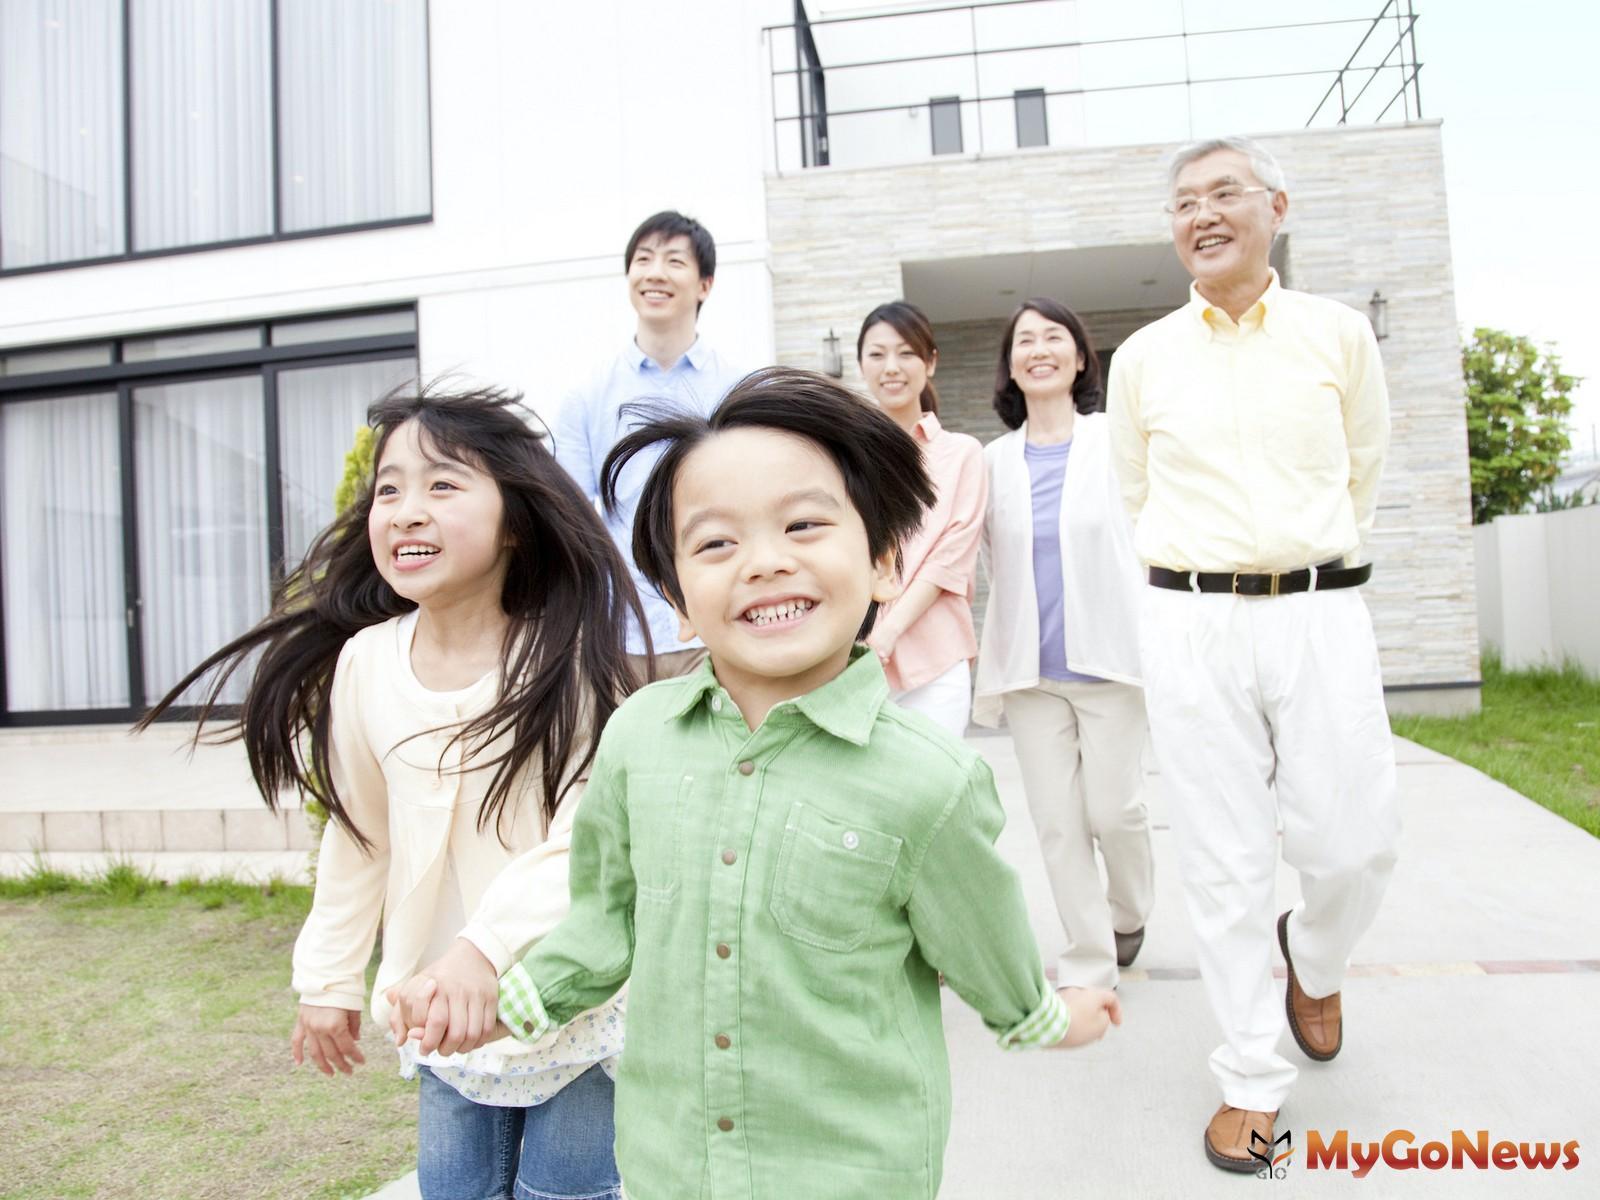 21世紀不動產分享道路條件、房屋面寬、房屋朝向為選購透天的三大重點。(圖/21世紀不動產) MyGoNews房地產新聞 市場快訊